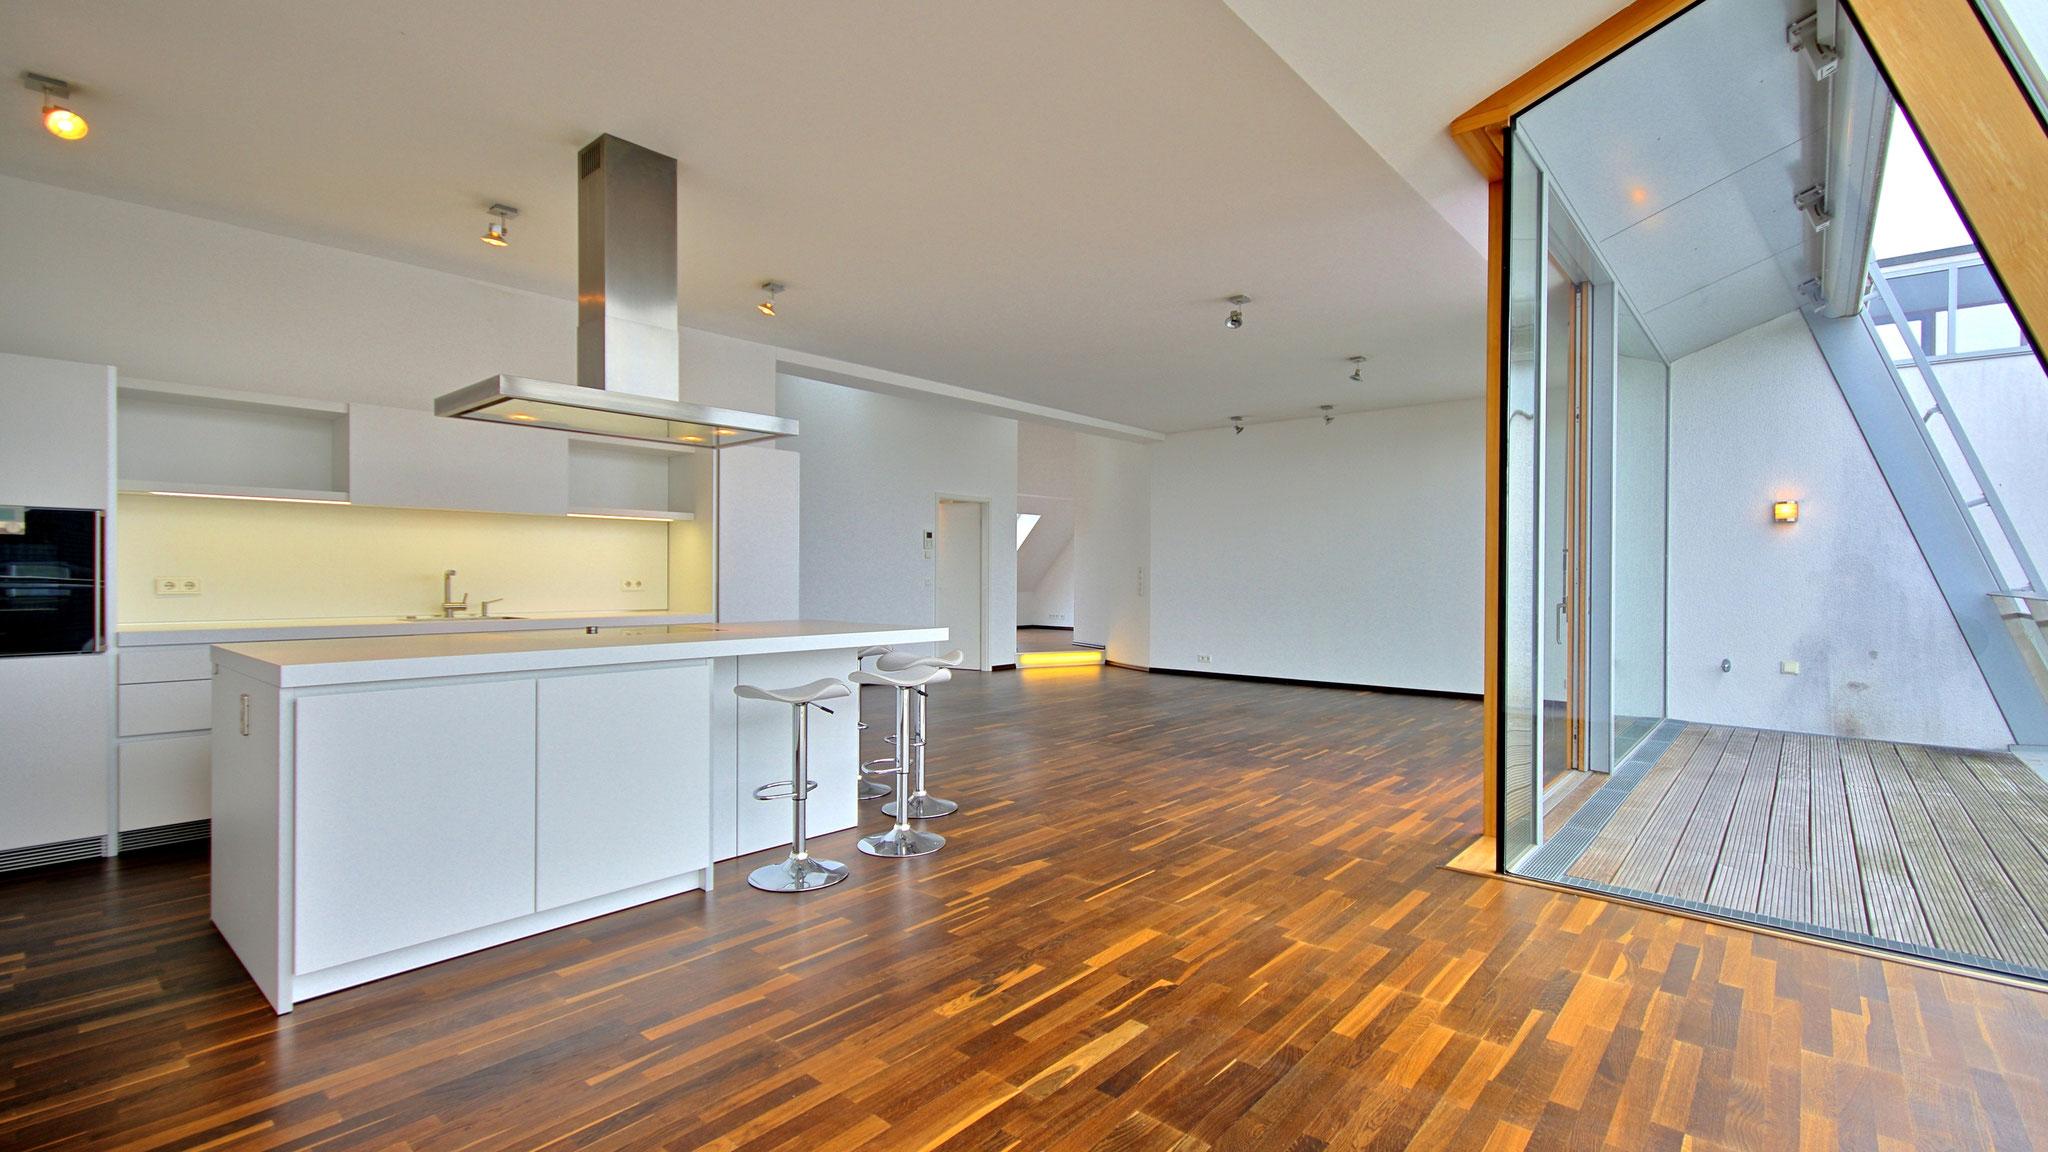 Penthouse auf Hochbunker in Köln Zollstock - verkauft innerhalb von 2 Monaten